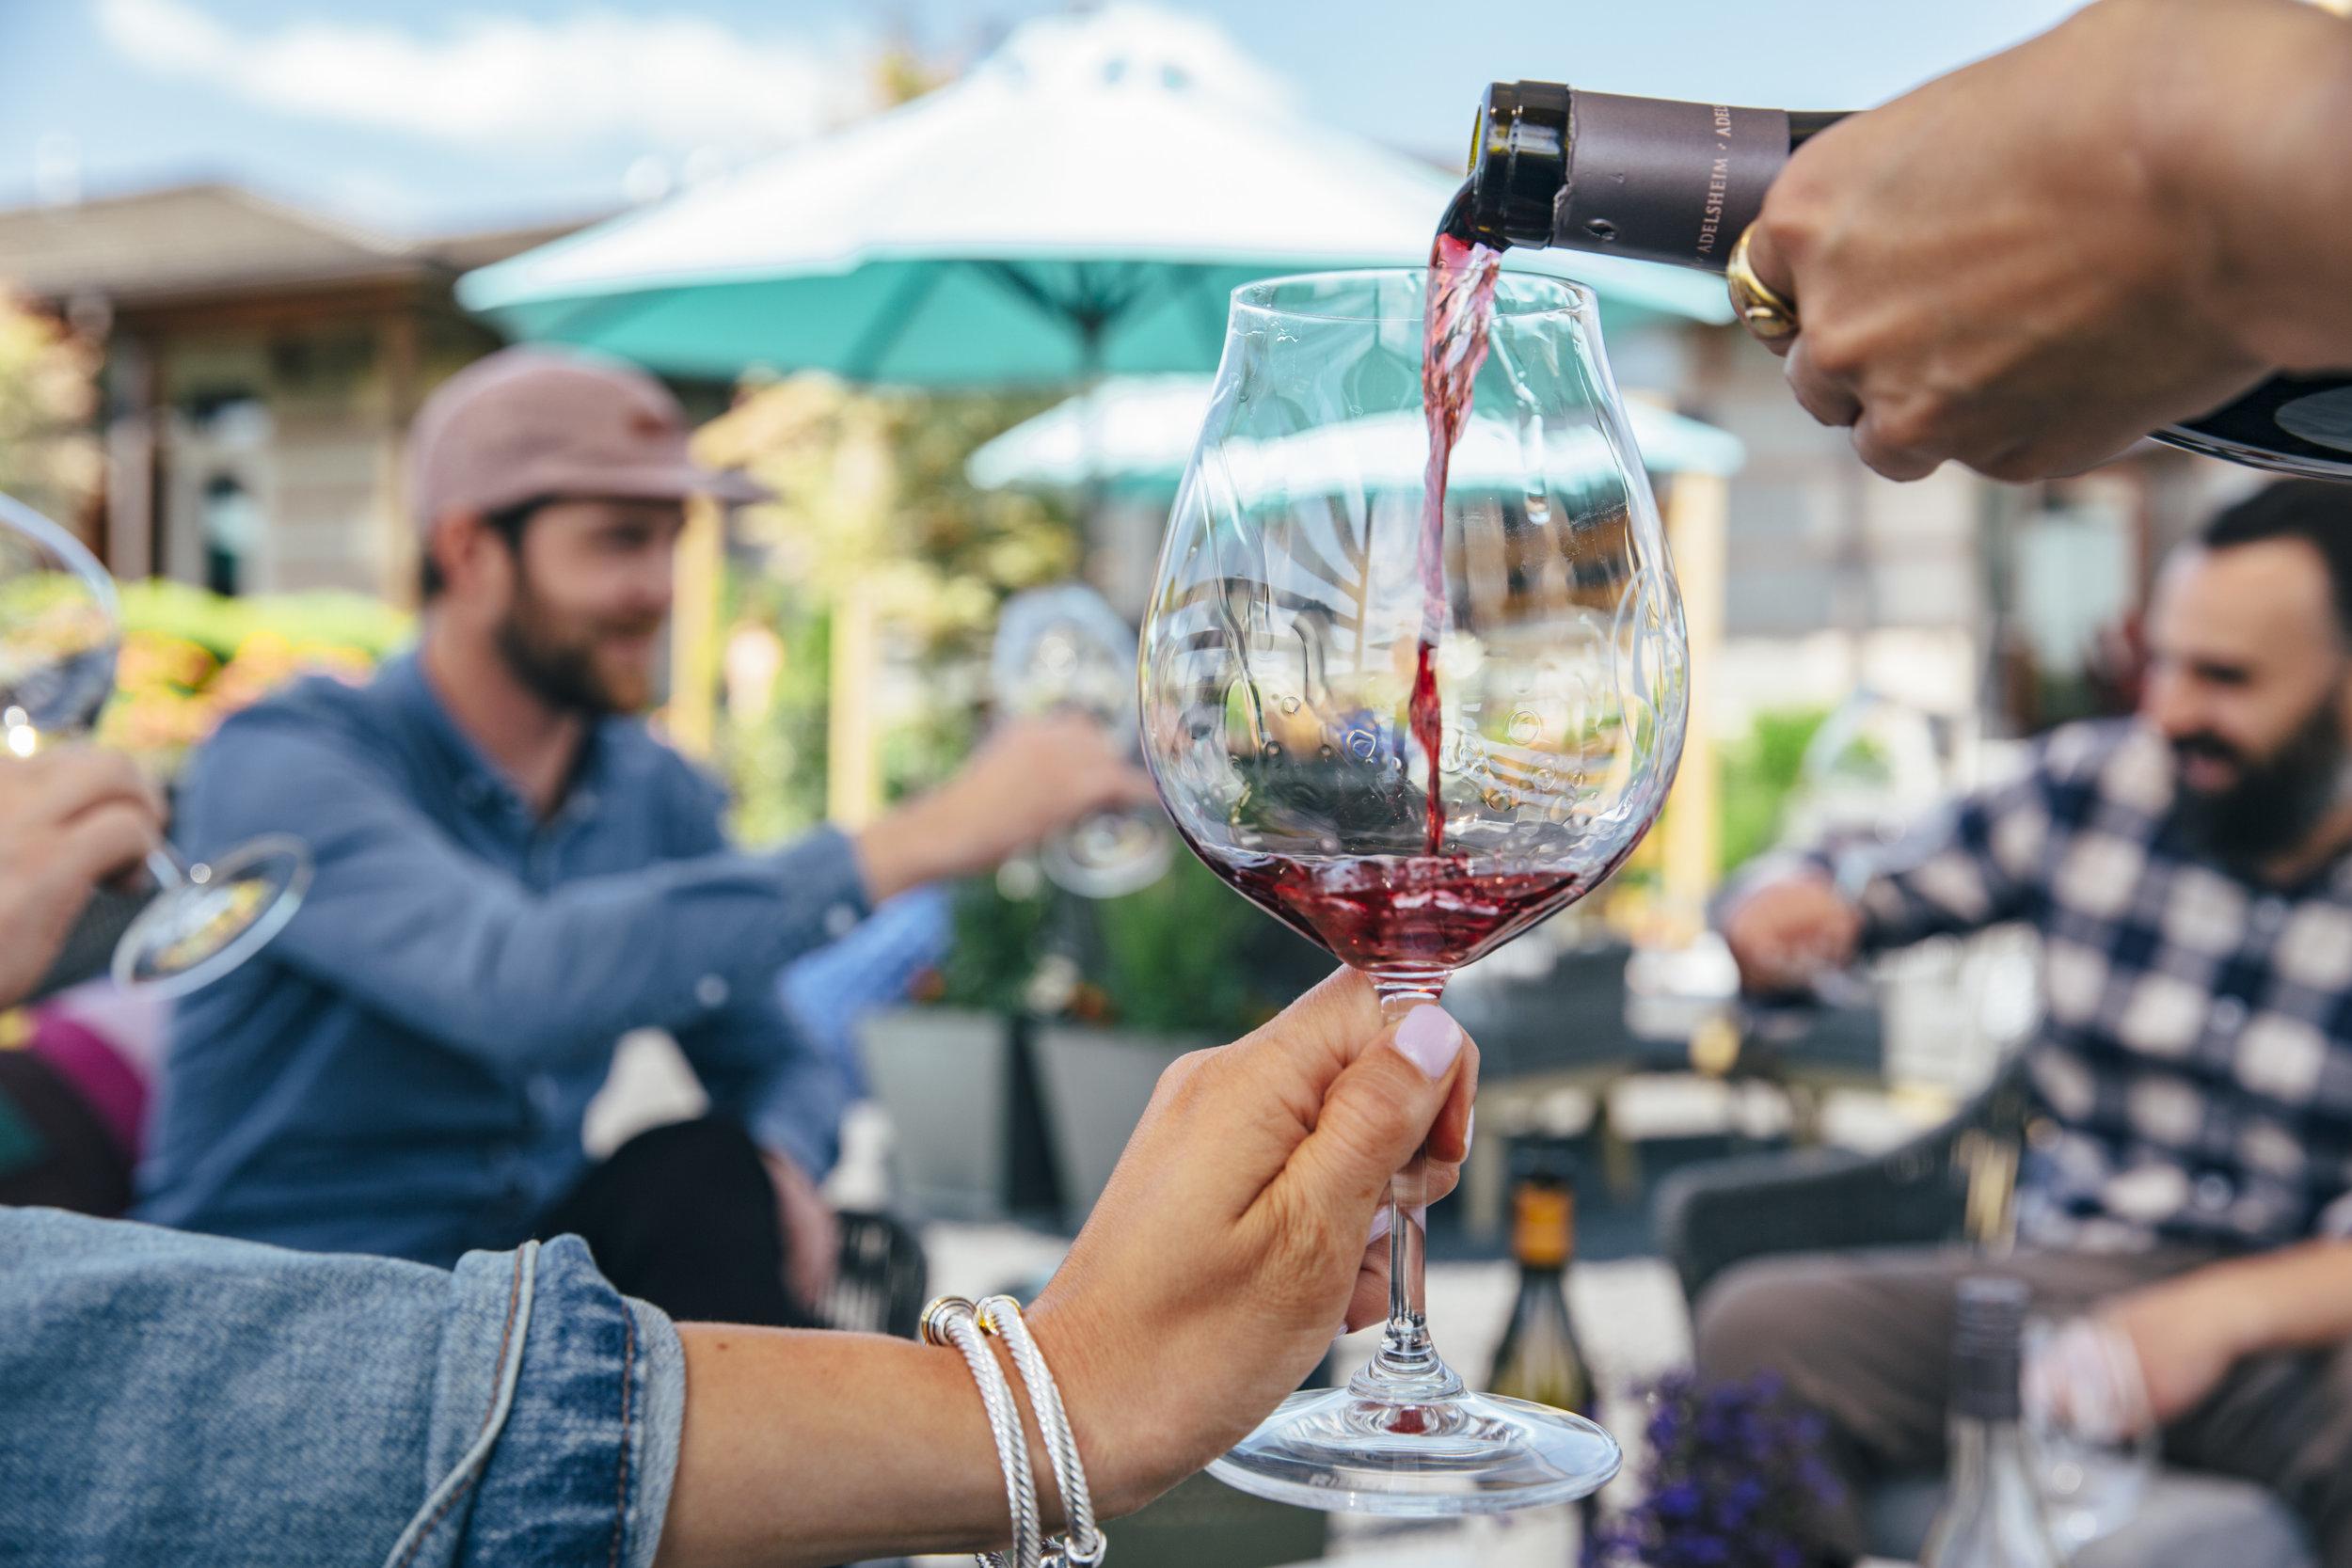 adelsheim-wine-tastingJPG